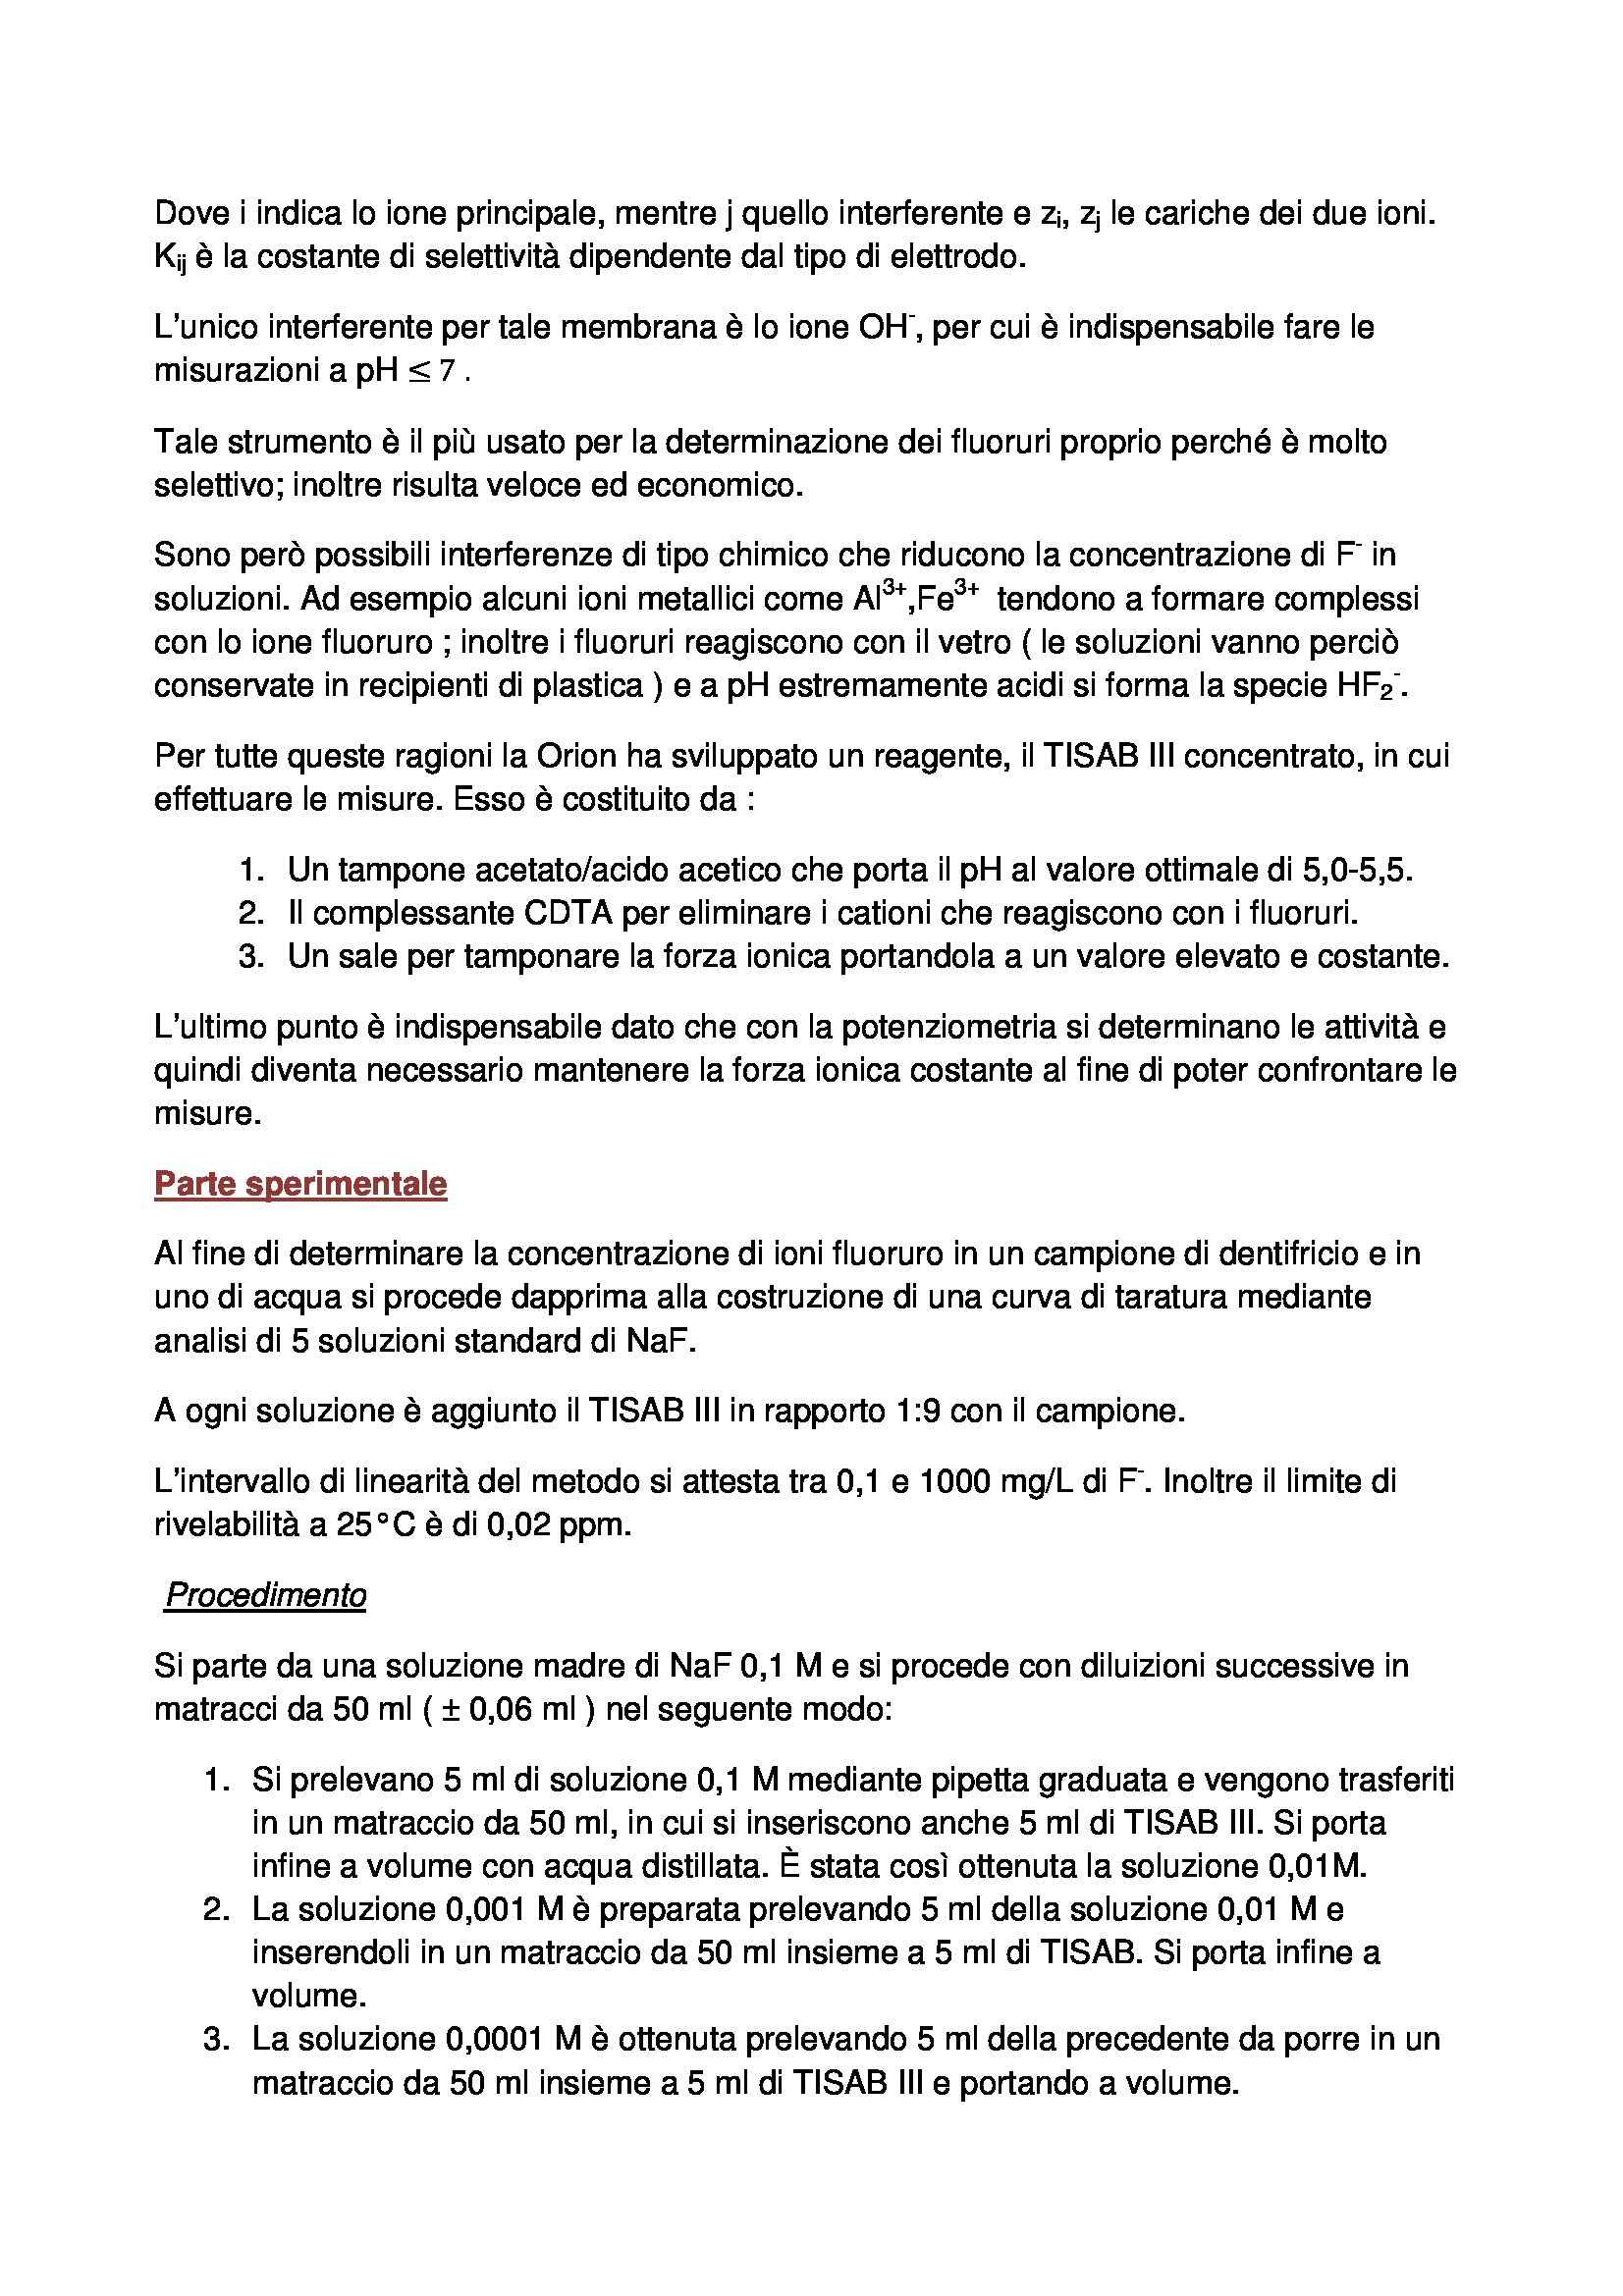 Laboratorio di Chimica Analitica 2 - determinazione dei fluoruri Pag. 2